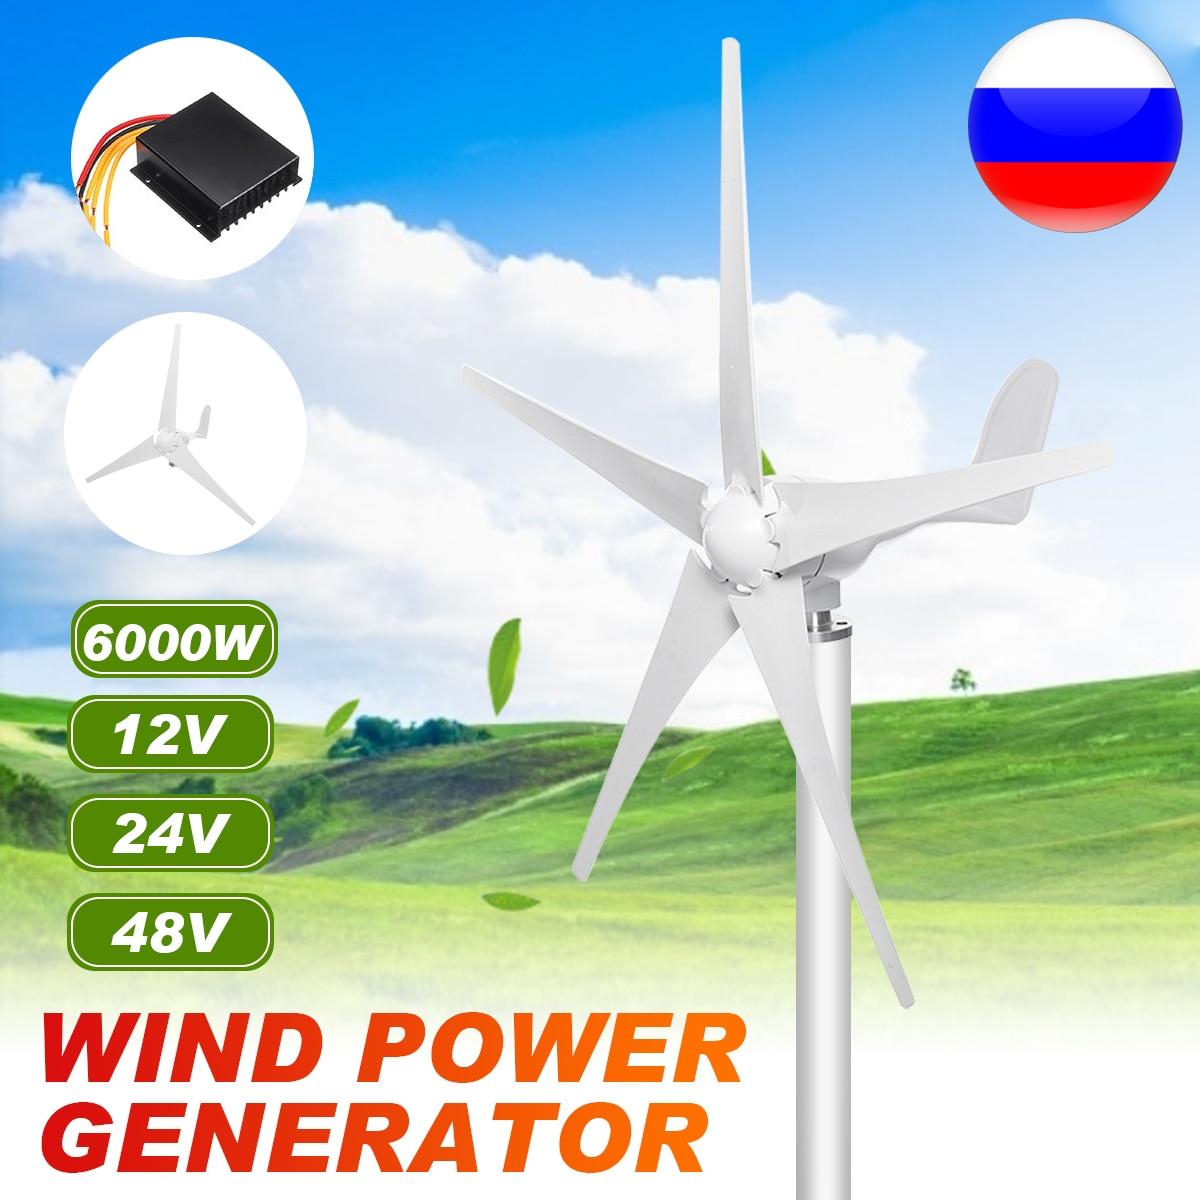 Turbinas de energía eólica de 6000W 12/24/48 V, opción de 3/5 hojas de viento con controlador de carga resistente al agua apto para el hogar o el Camping Adaptador para boquilla de espuma, Cañón de espuma, generador de espuma, jabón de alta presión para lavadora de presión Karcher K2 K3 K4 K5 K6 K7